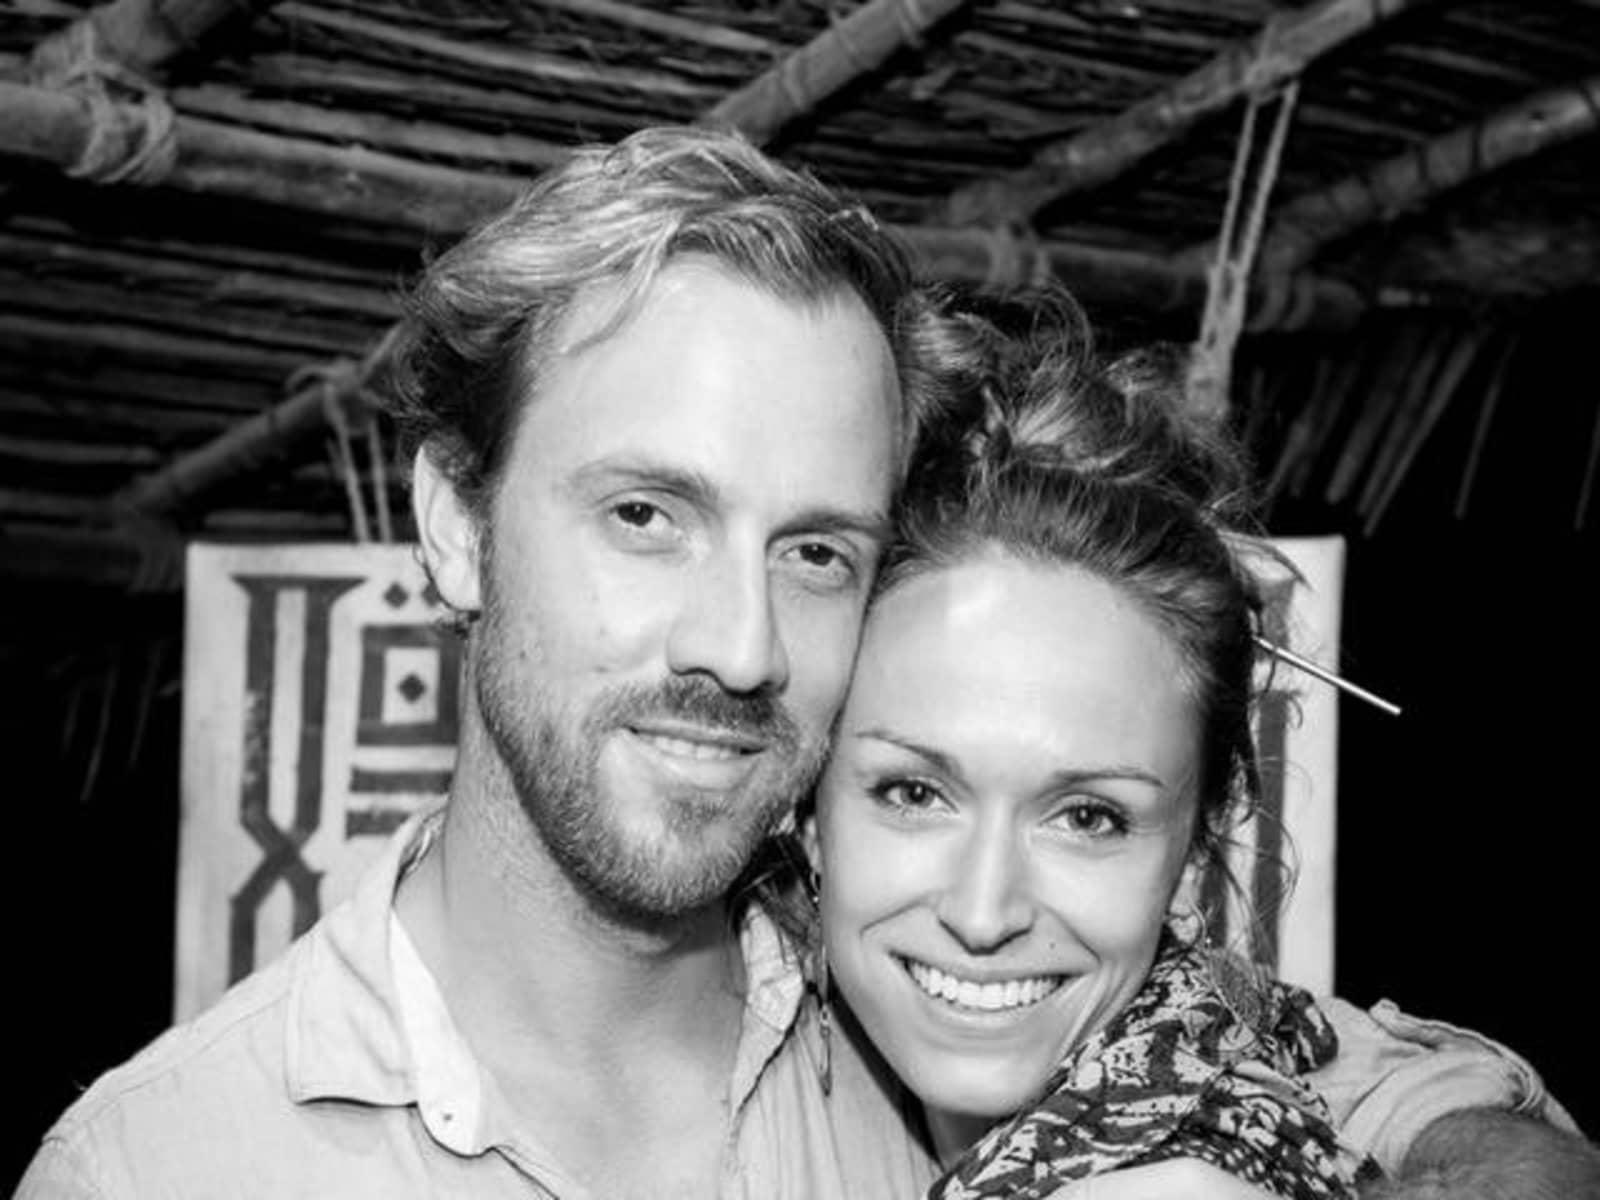 Joshua & Livia from Melbourne, Victoria, Australia